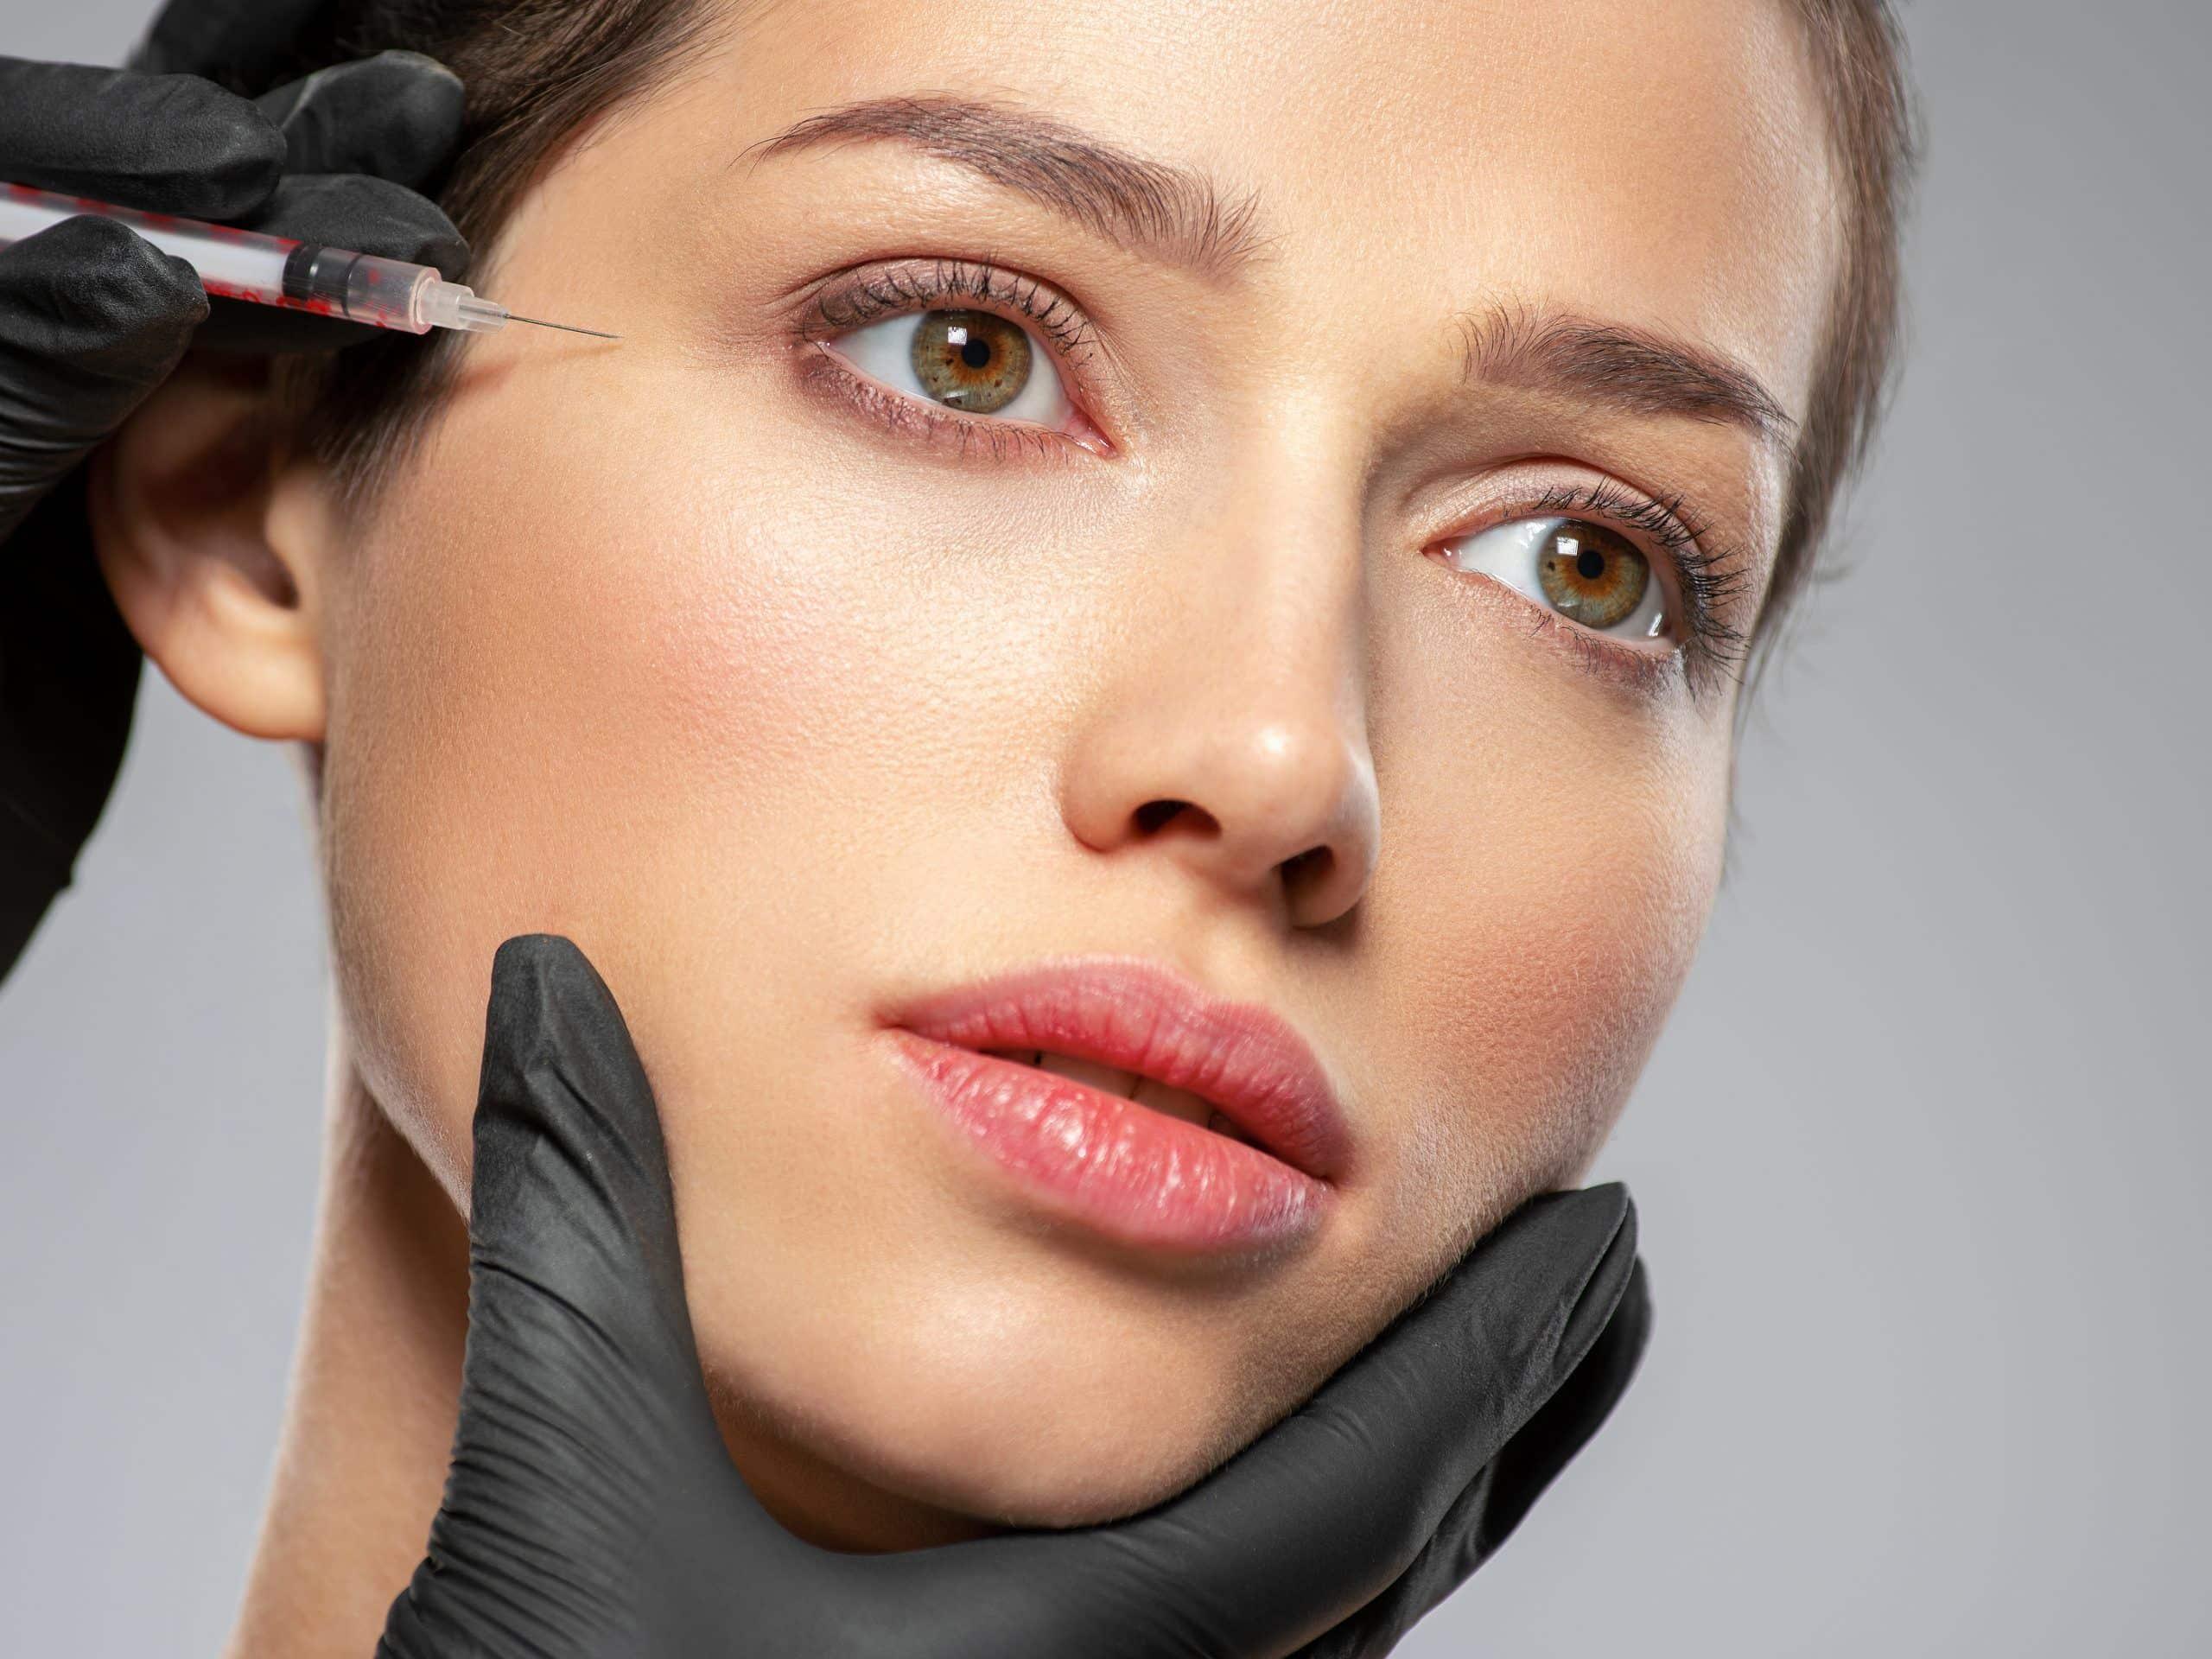 Mujer joven inyectando botox cerca de los ojos